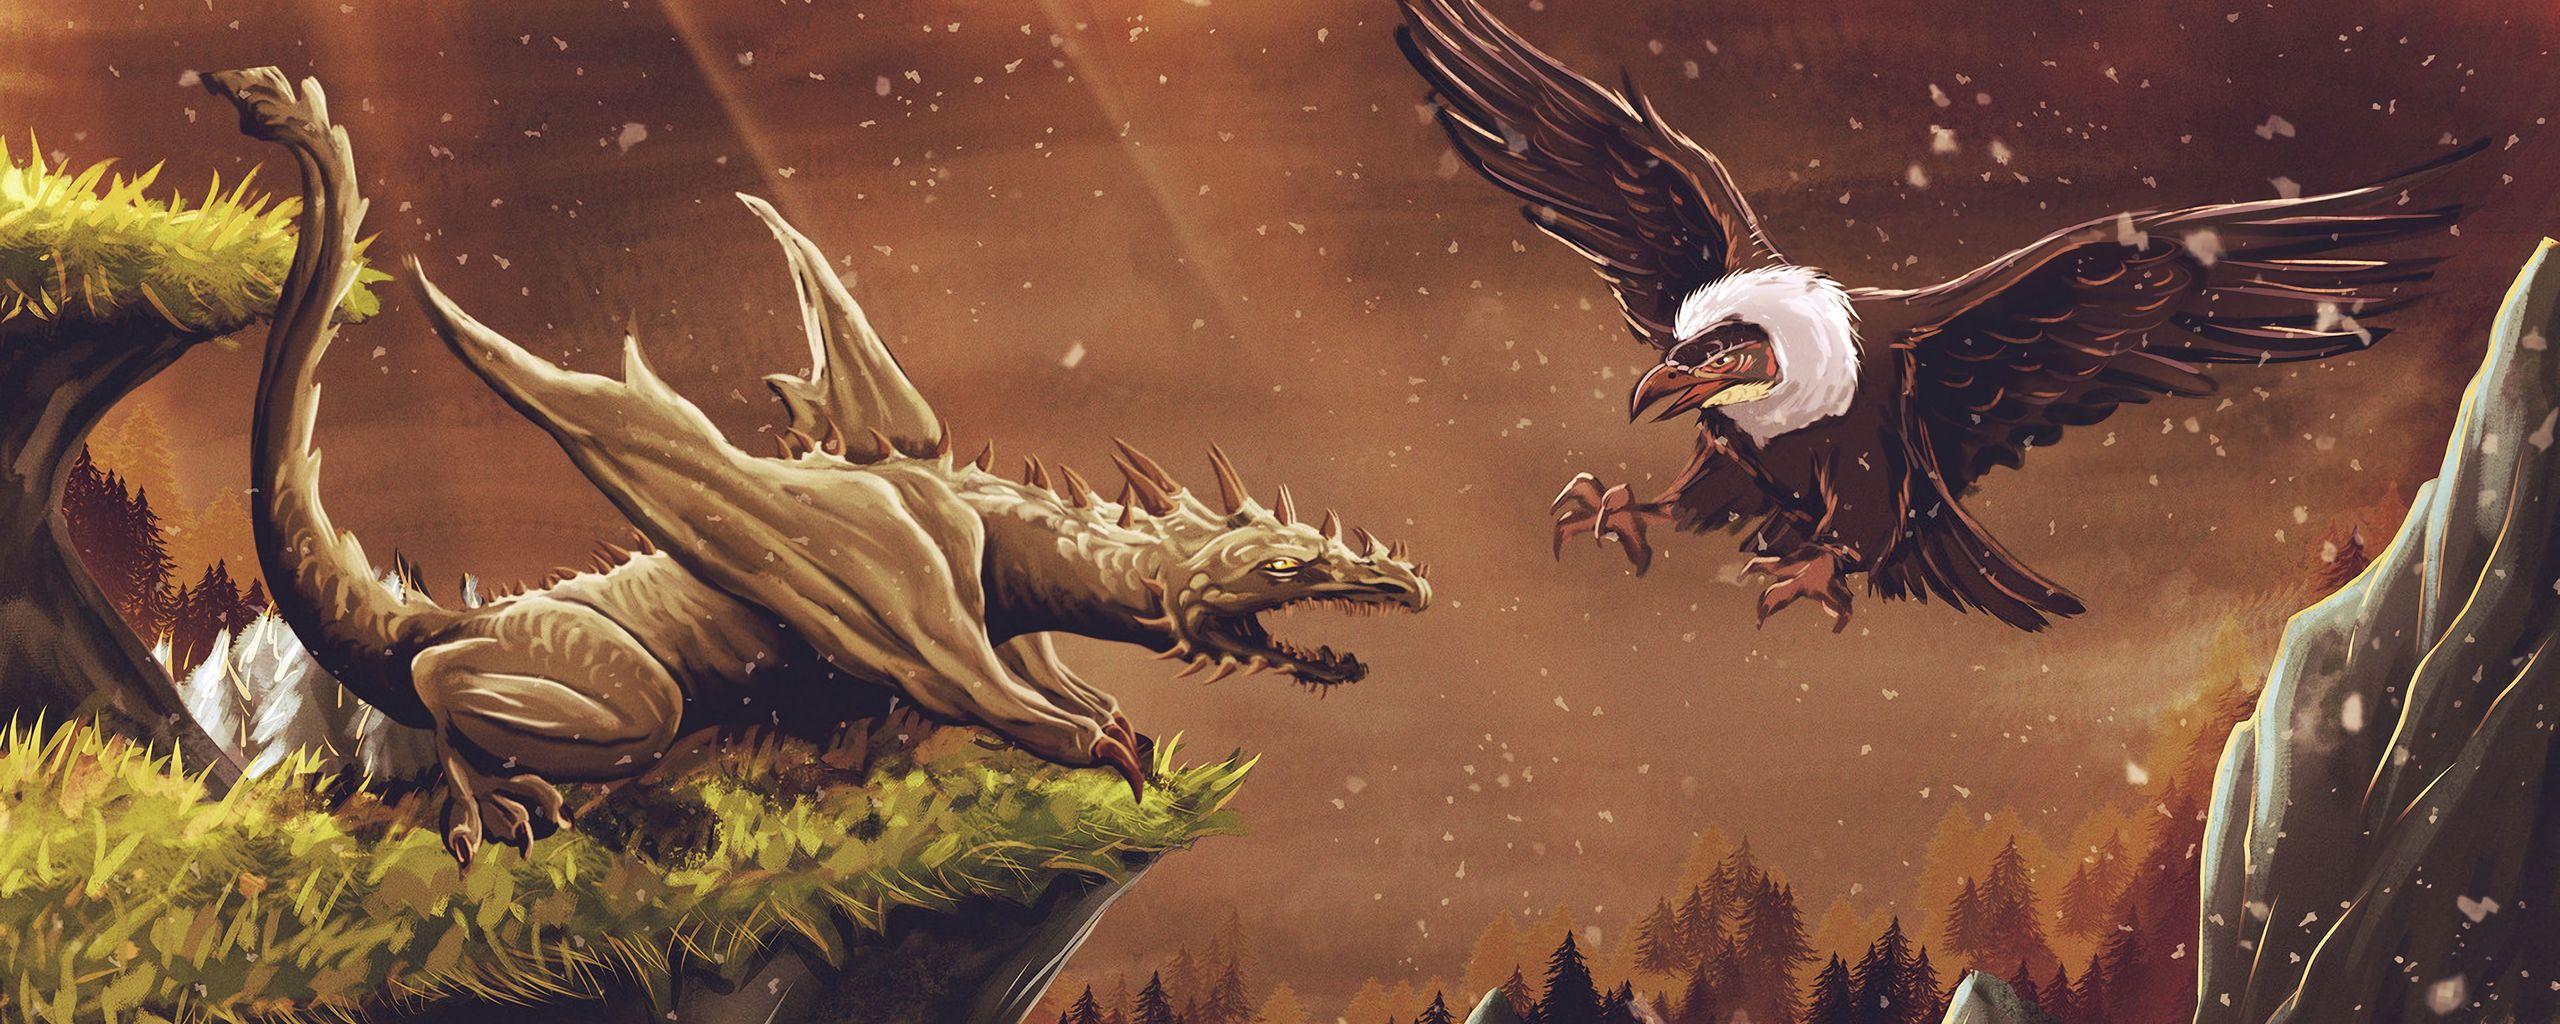 2560x1024 Wallpaper dragon, vulture, bird, art, fiction